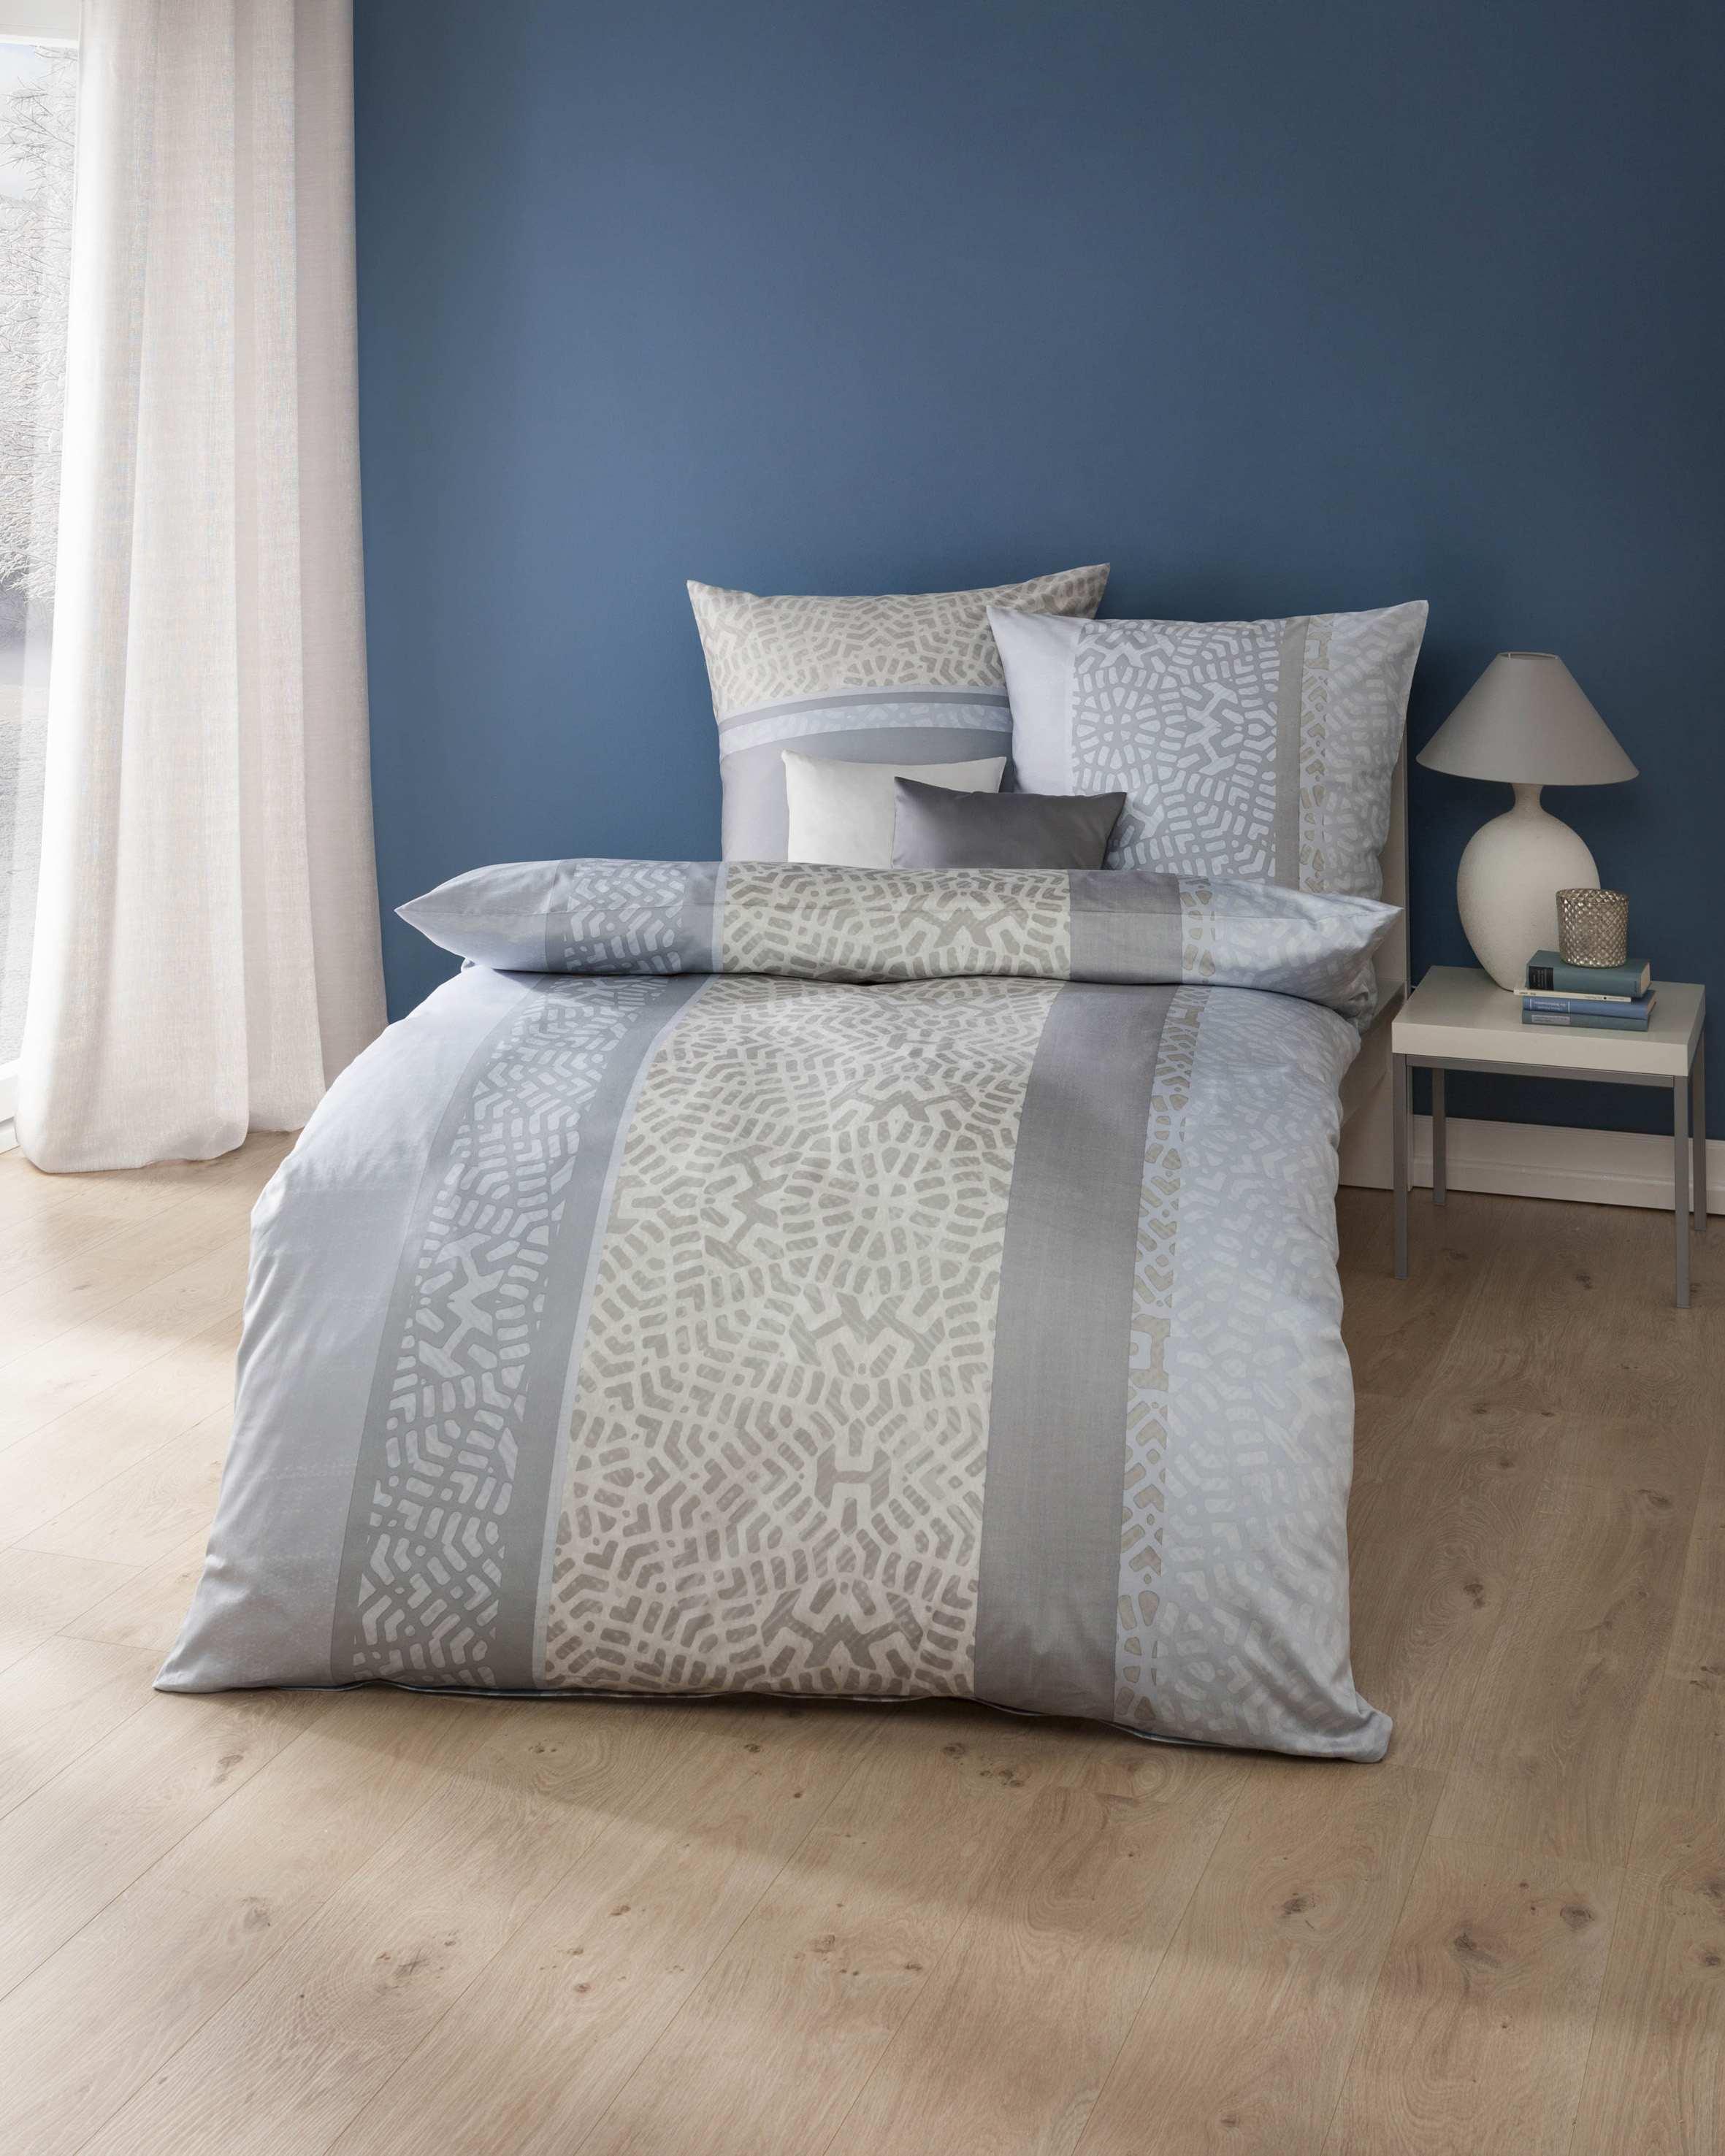 mako satin bettw sche 842 taube grau g nstig auf rechnung. Black Bedroom Furniture Sets. Home Design Ideas